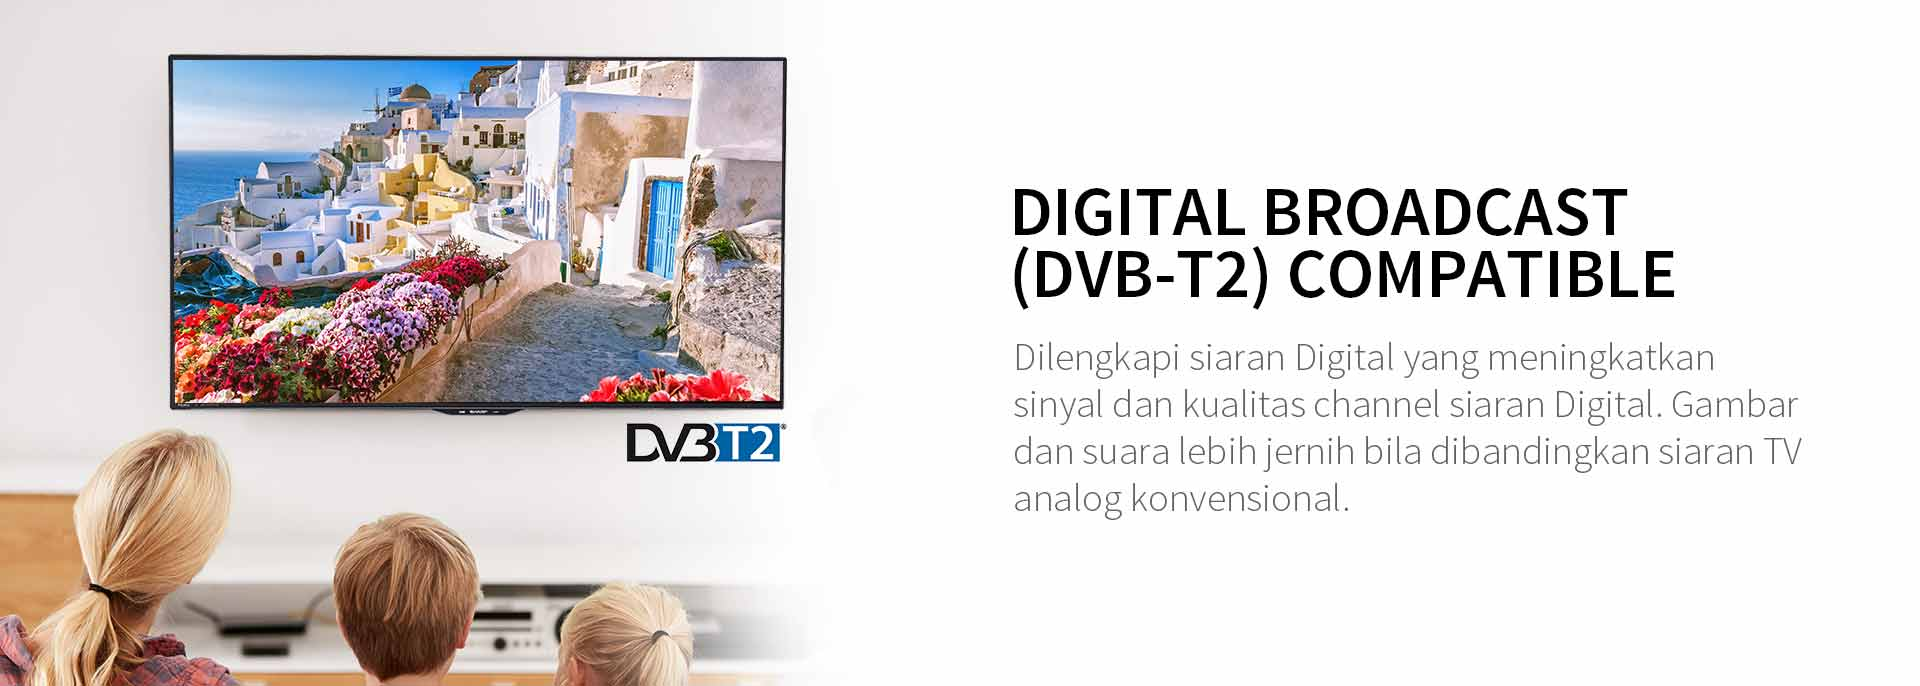 ok-DVB-T2.jpg